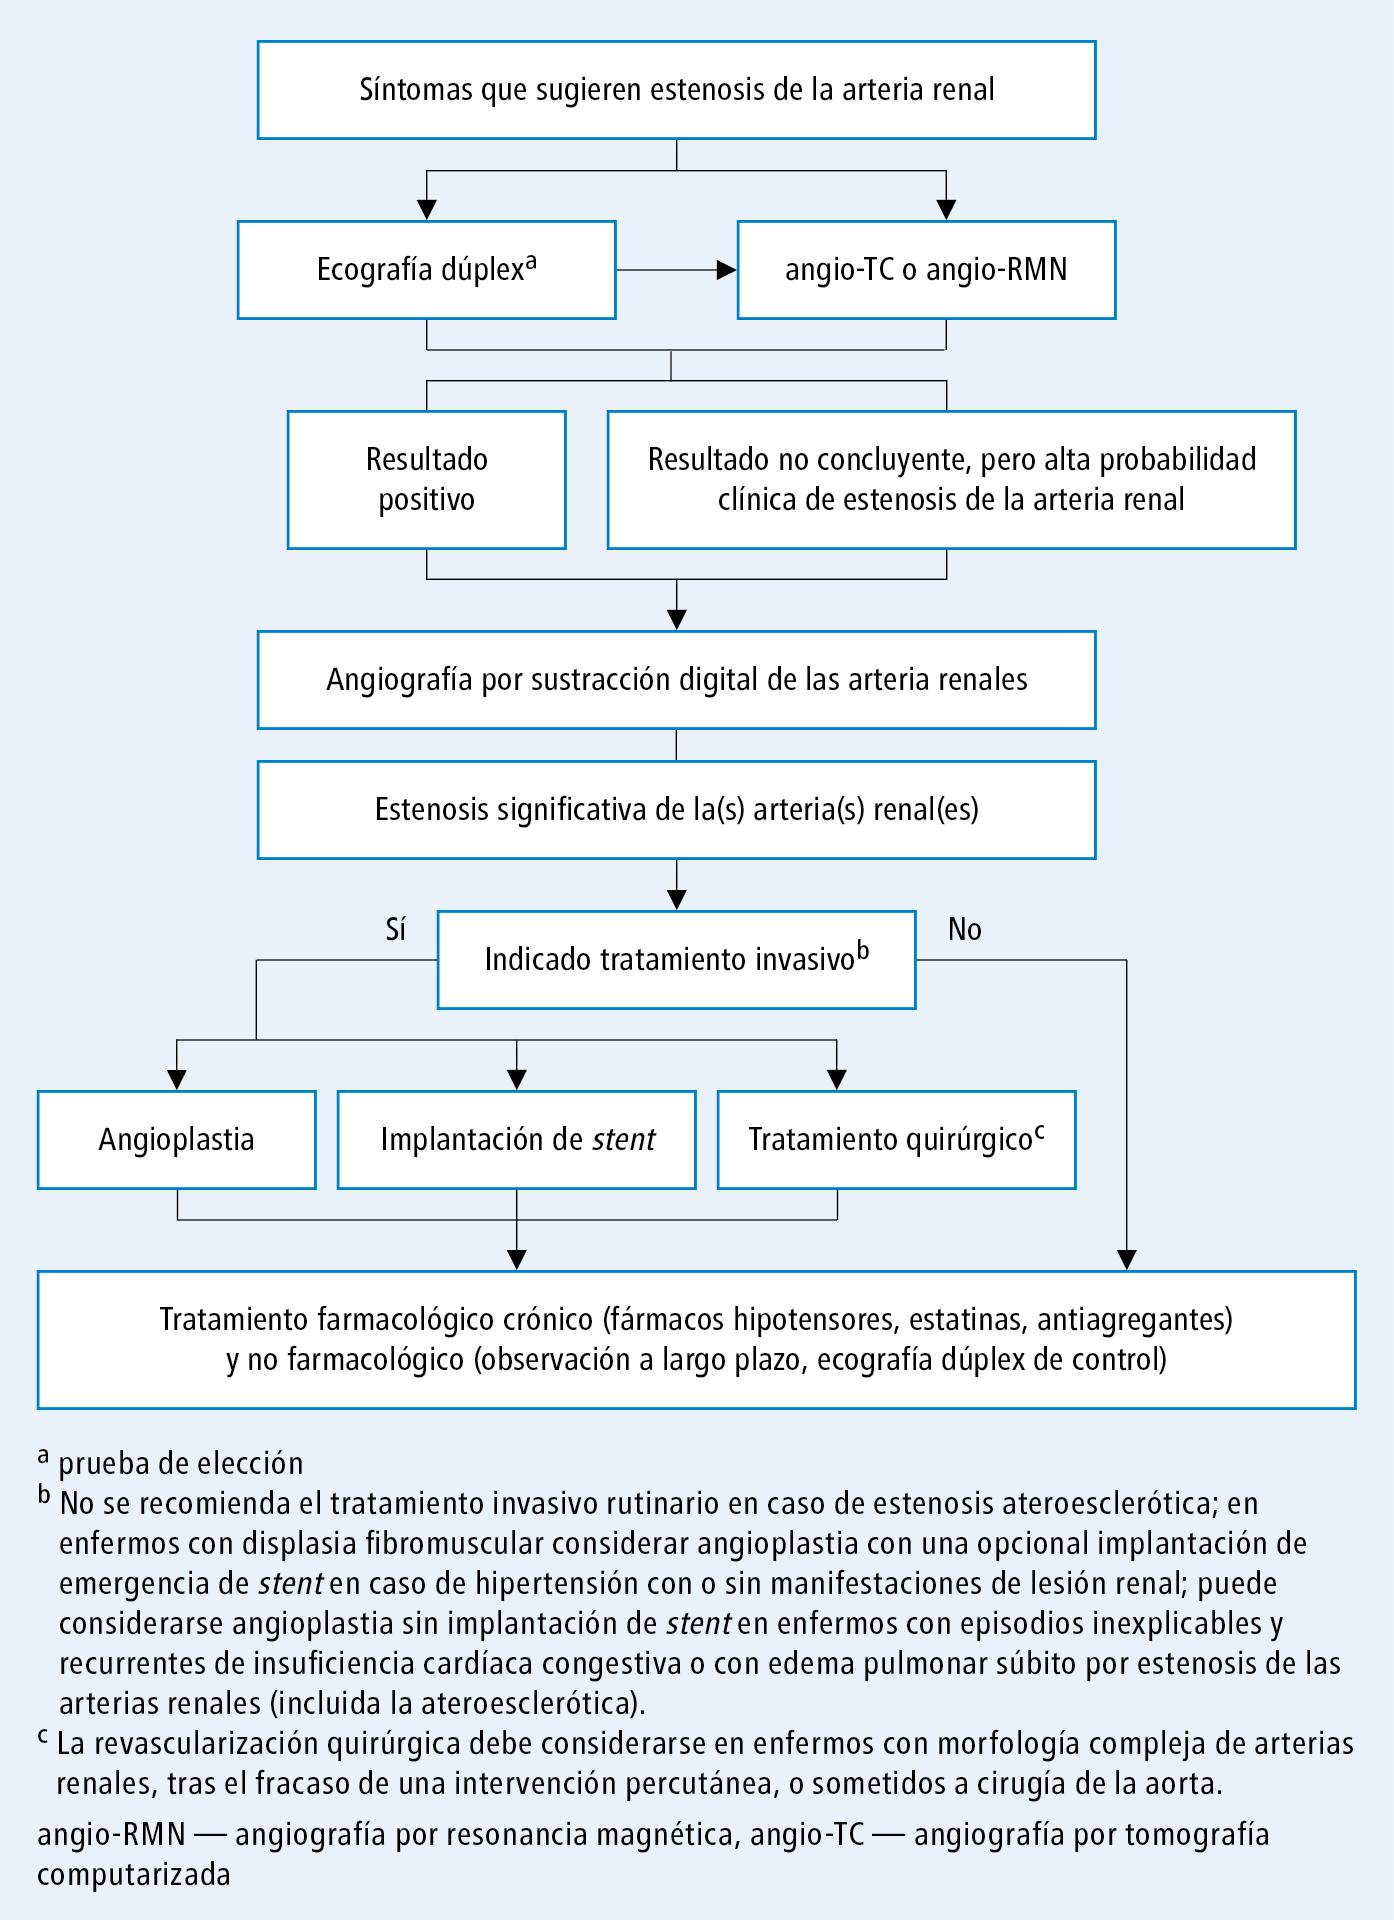 diagrama de fisiopatología de la enfermedad renal crónica de diabetes